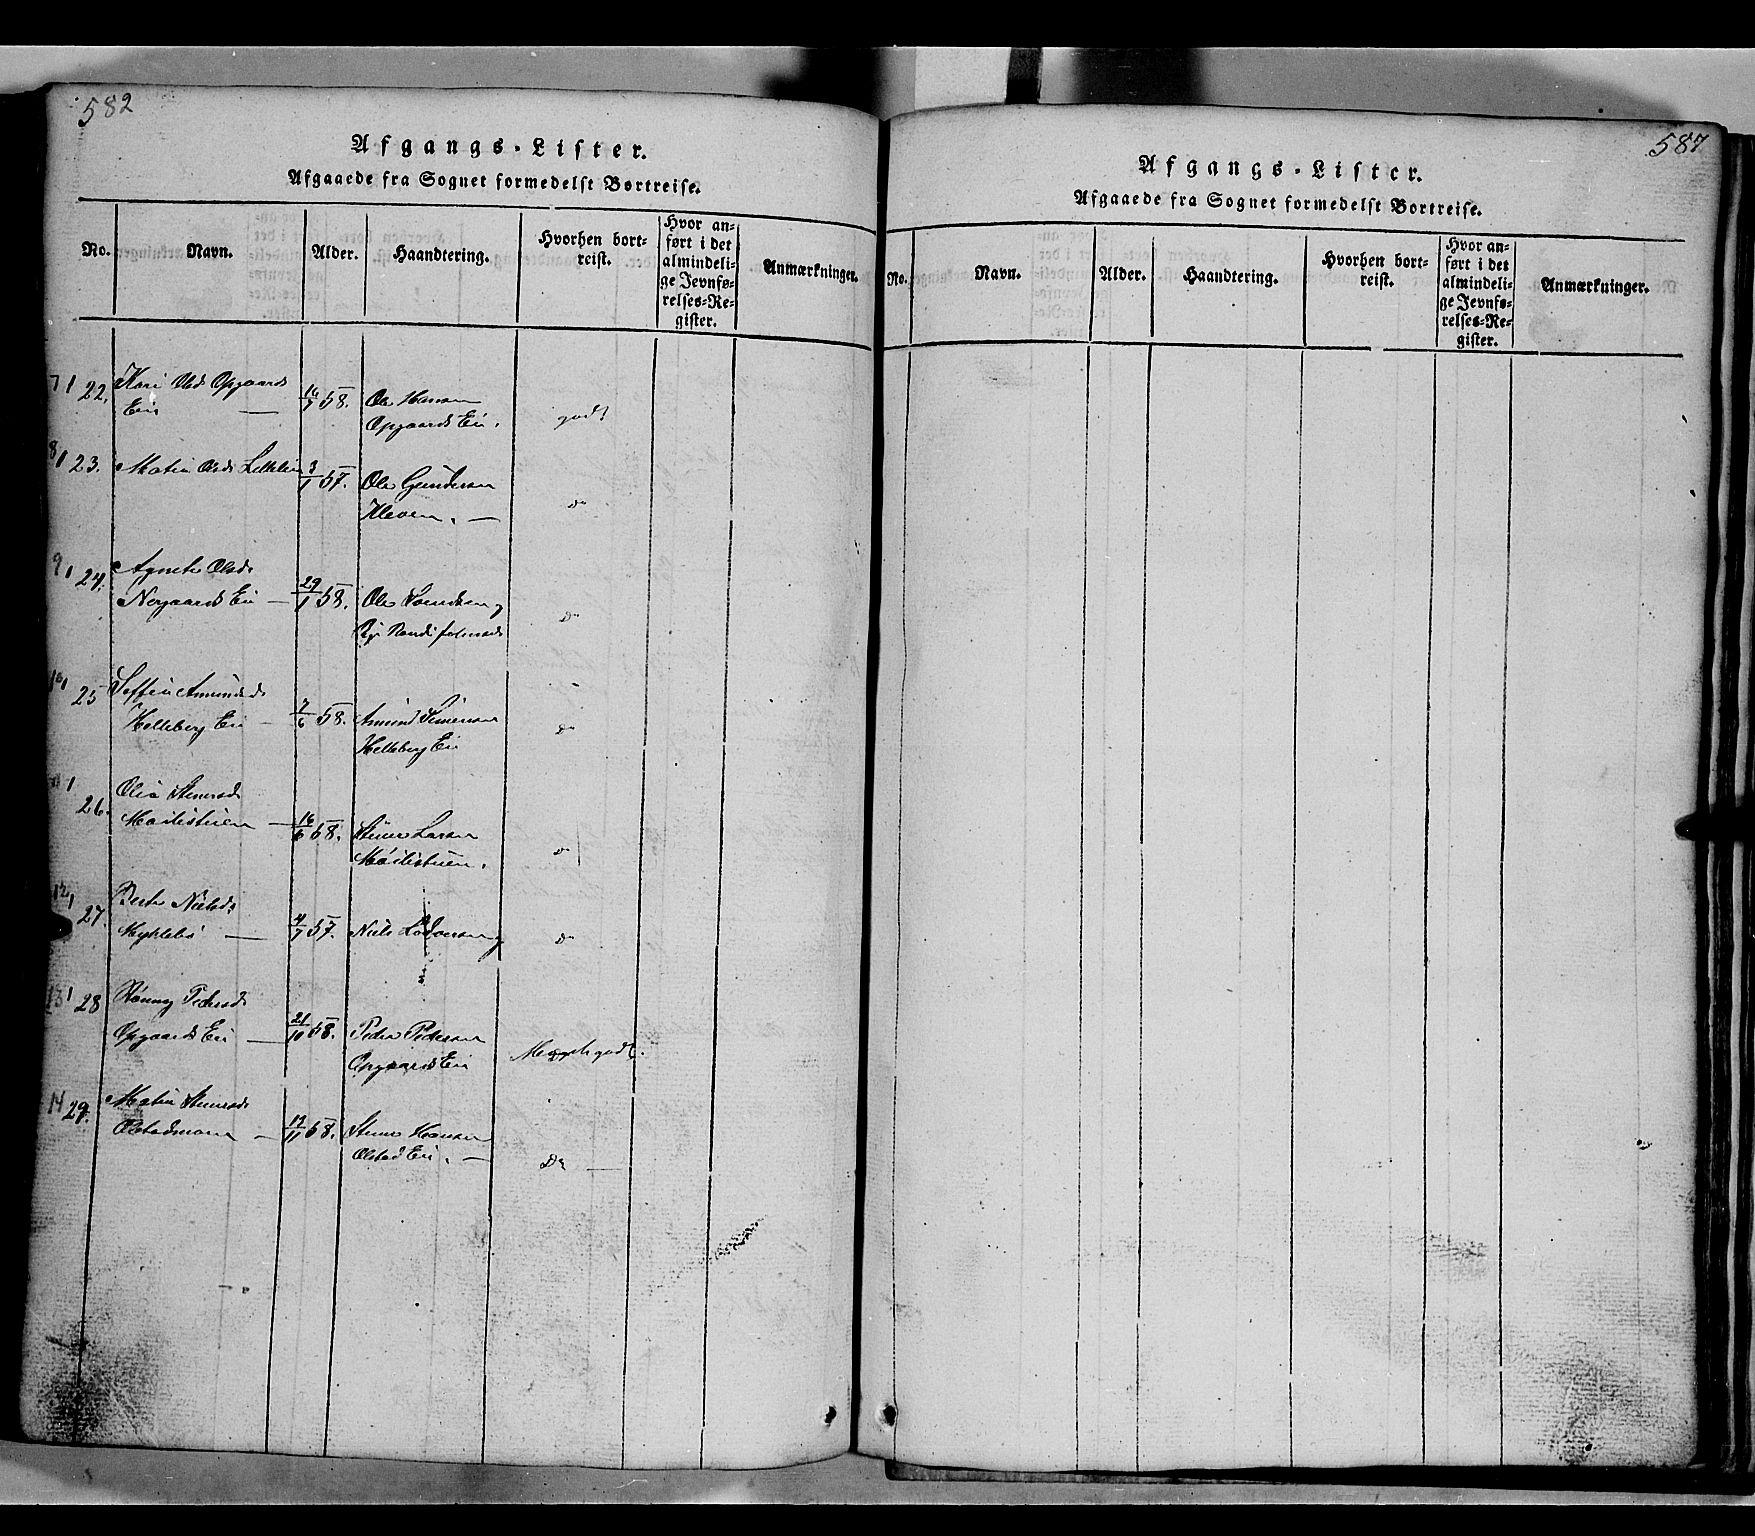 SAH, Gausdal prestekontor, Klokkerbok nr. 2, 1818-1874, s. 582-583